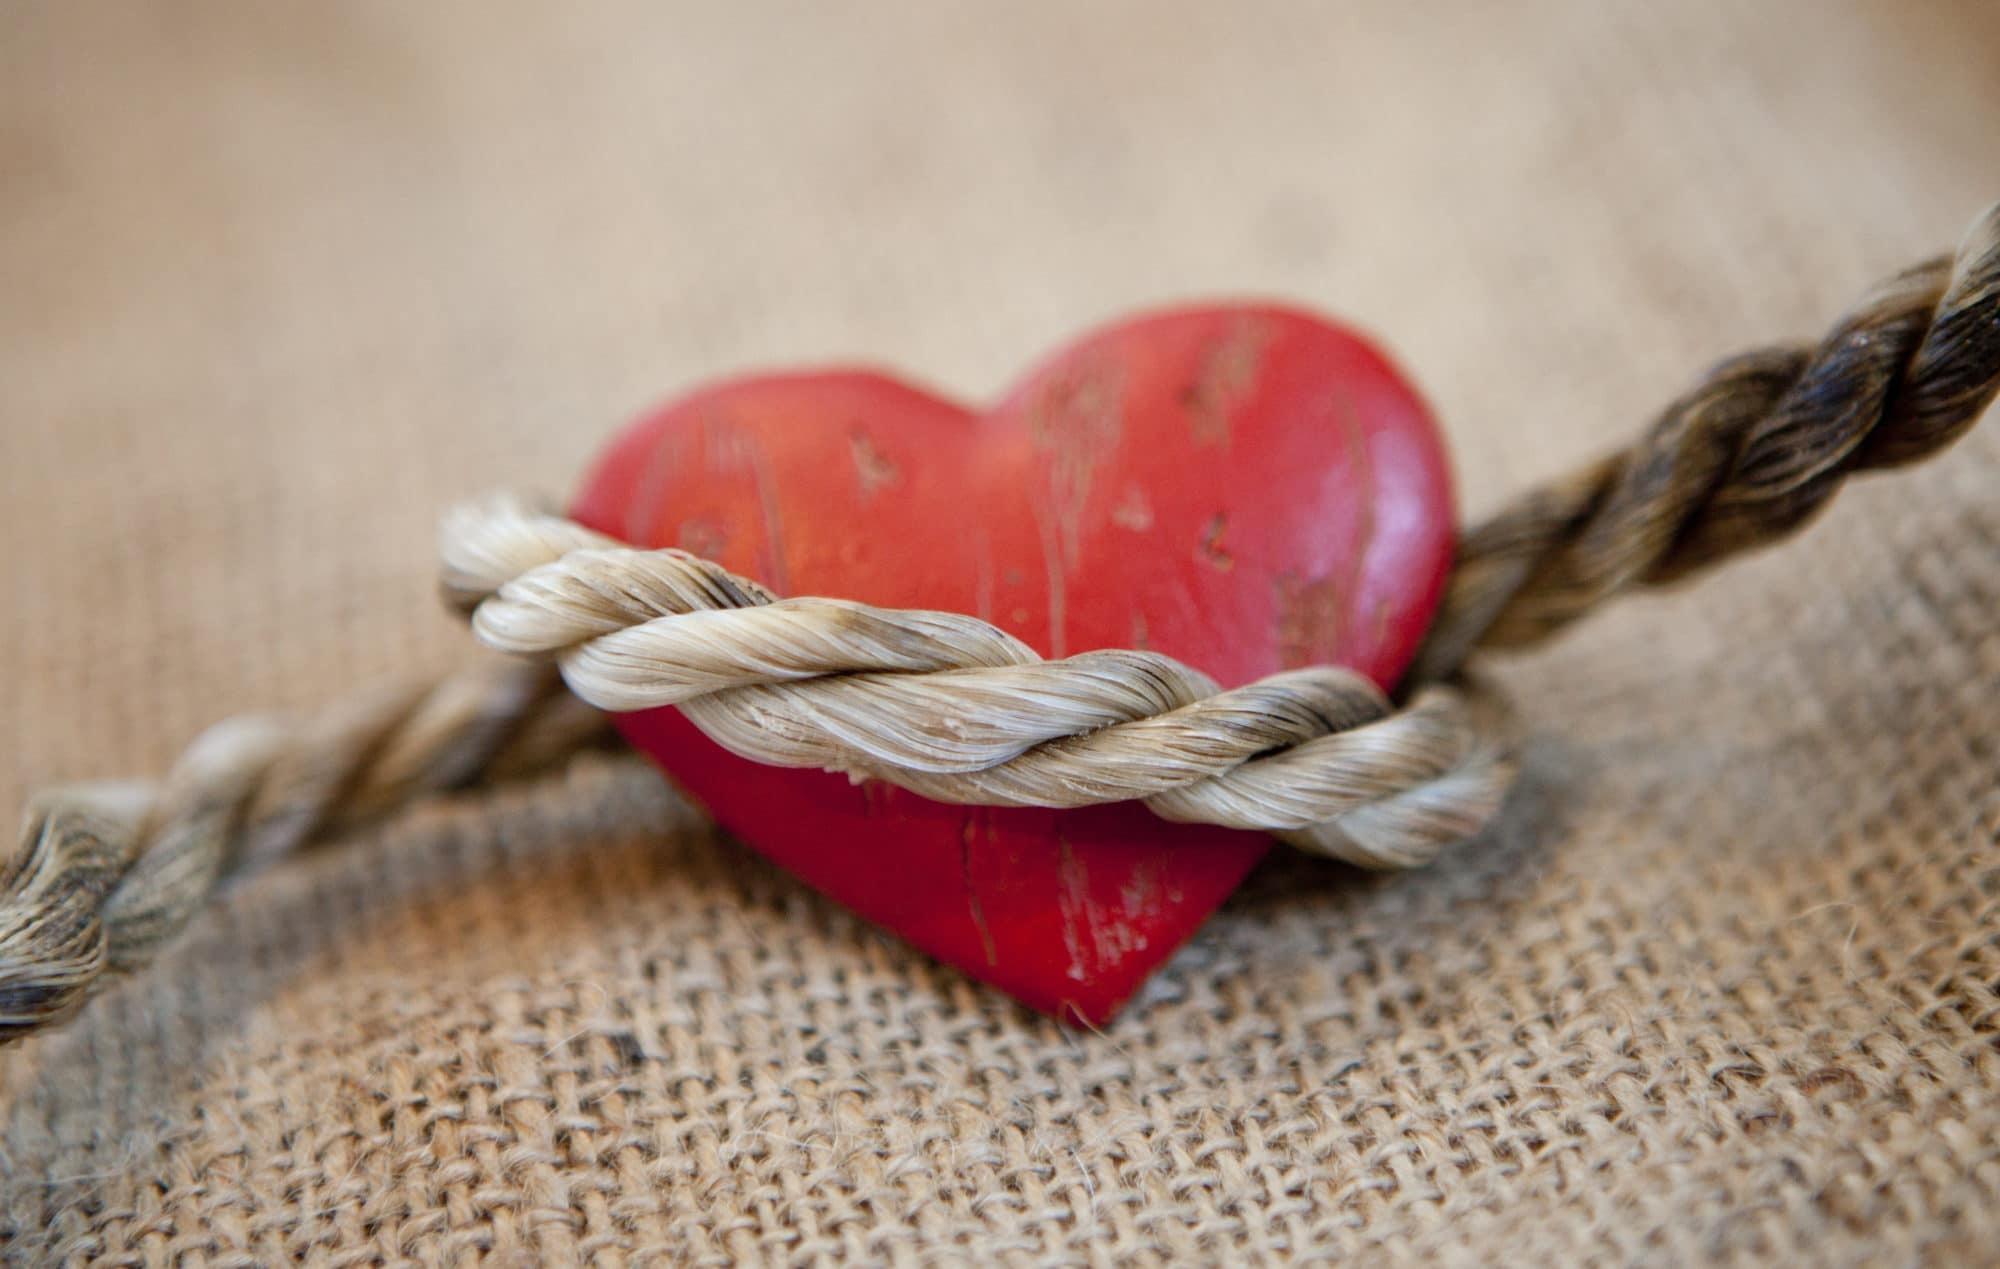 Il Ricatto Emotivo: come identificare il ricattatore e come farlo smettere | Dipendiamo.blog